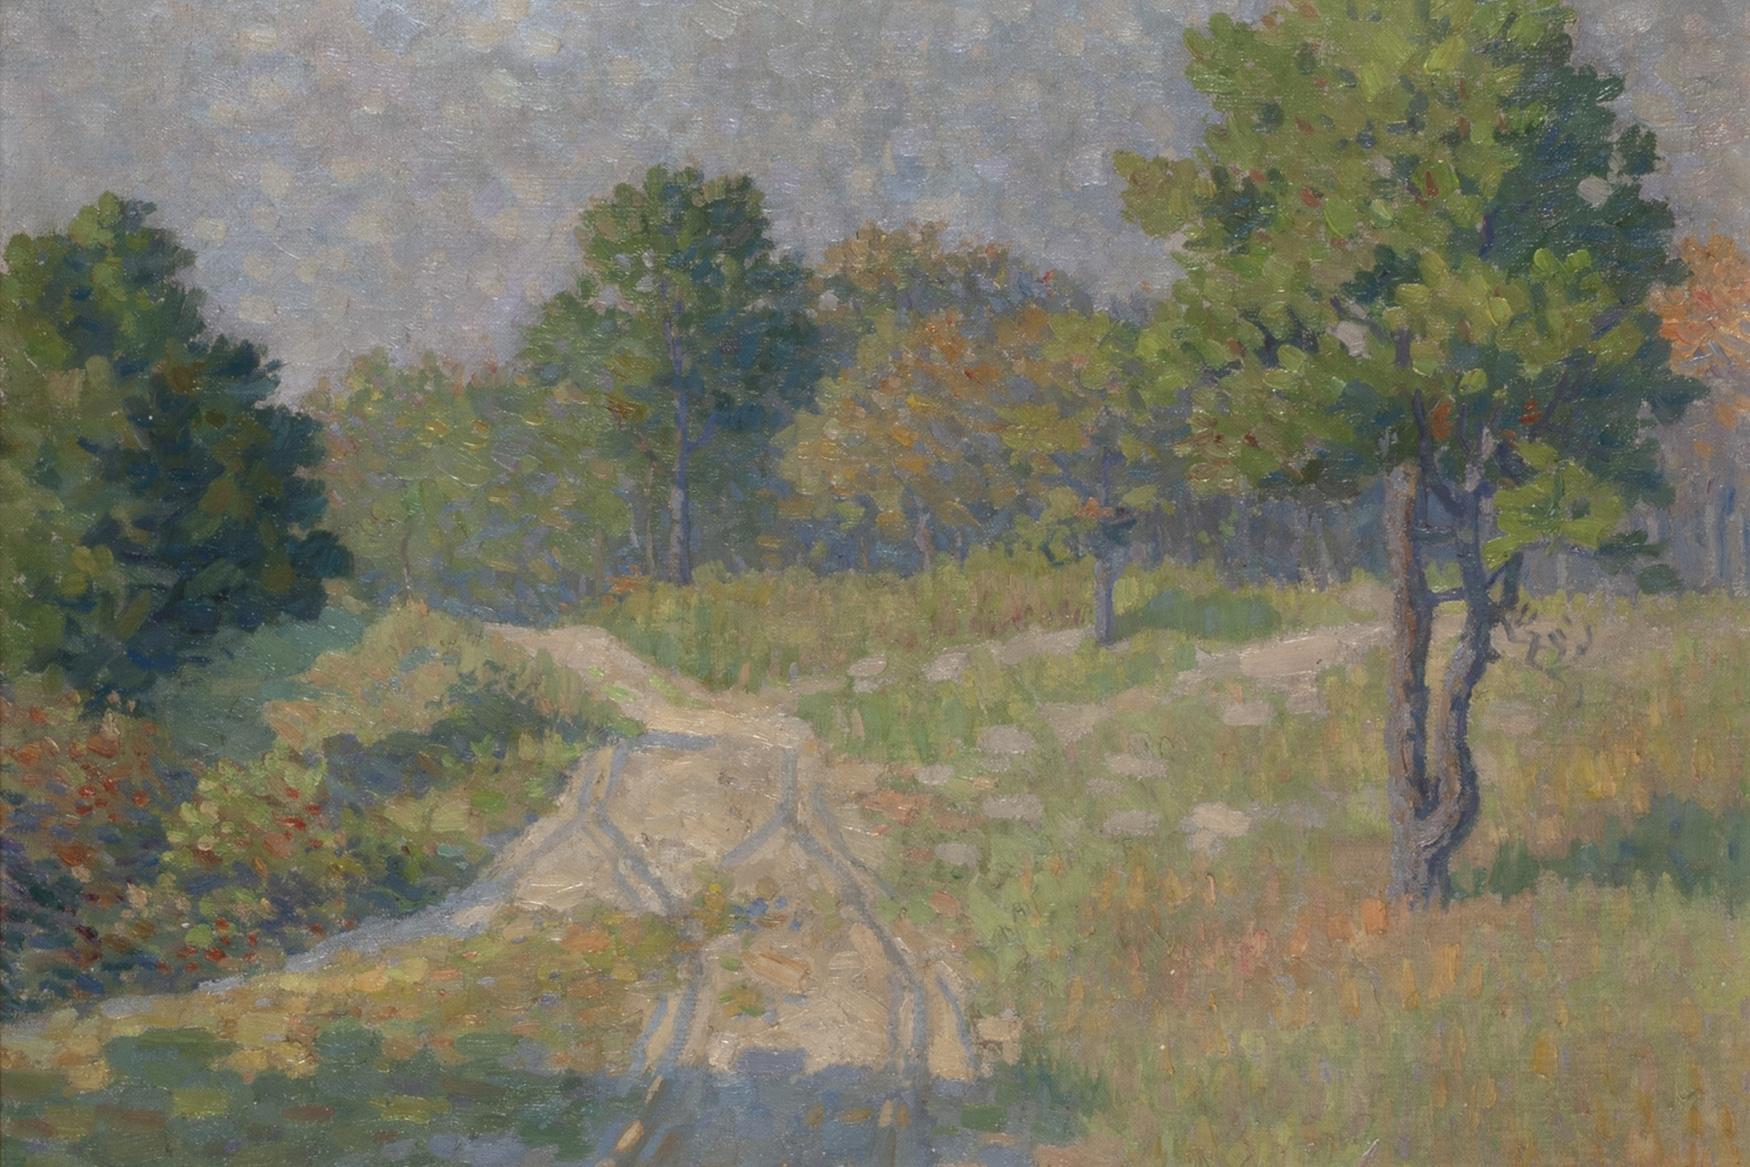 George Loftus Noyes, Sunlit Road, c. 1910